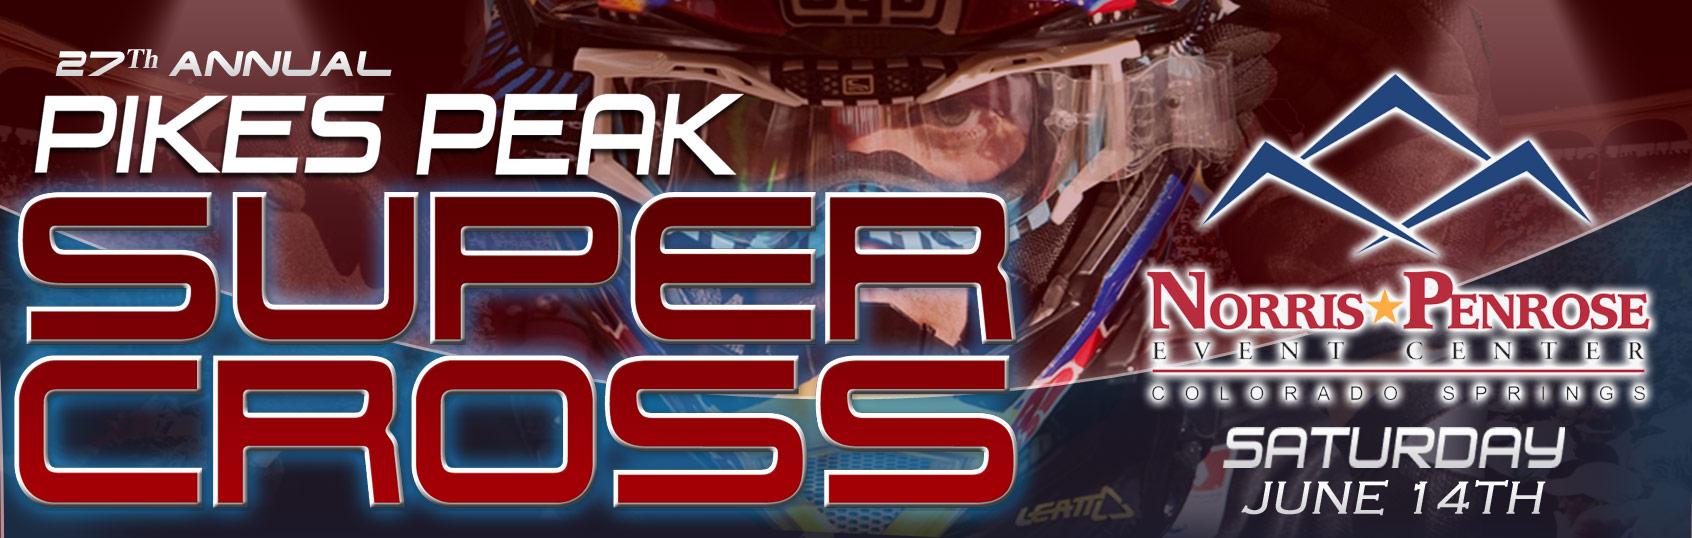 Pikes Peak Supercross Colorado Springs